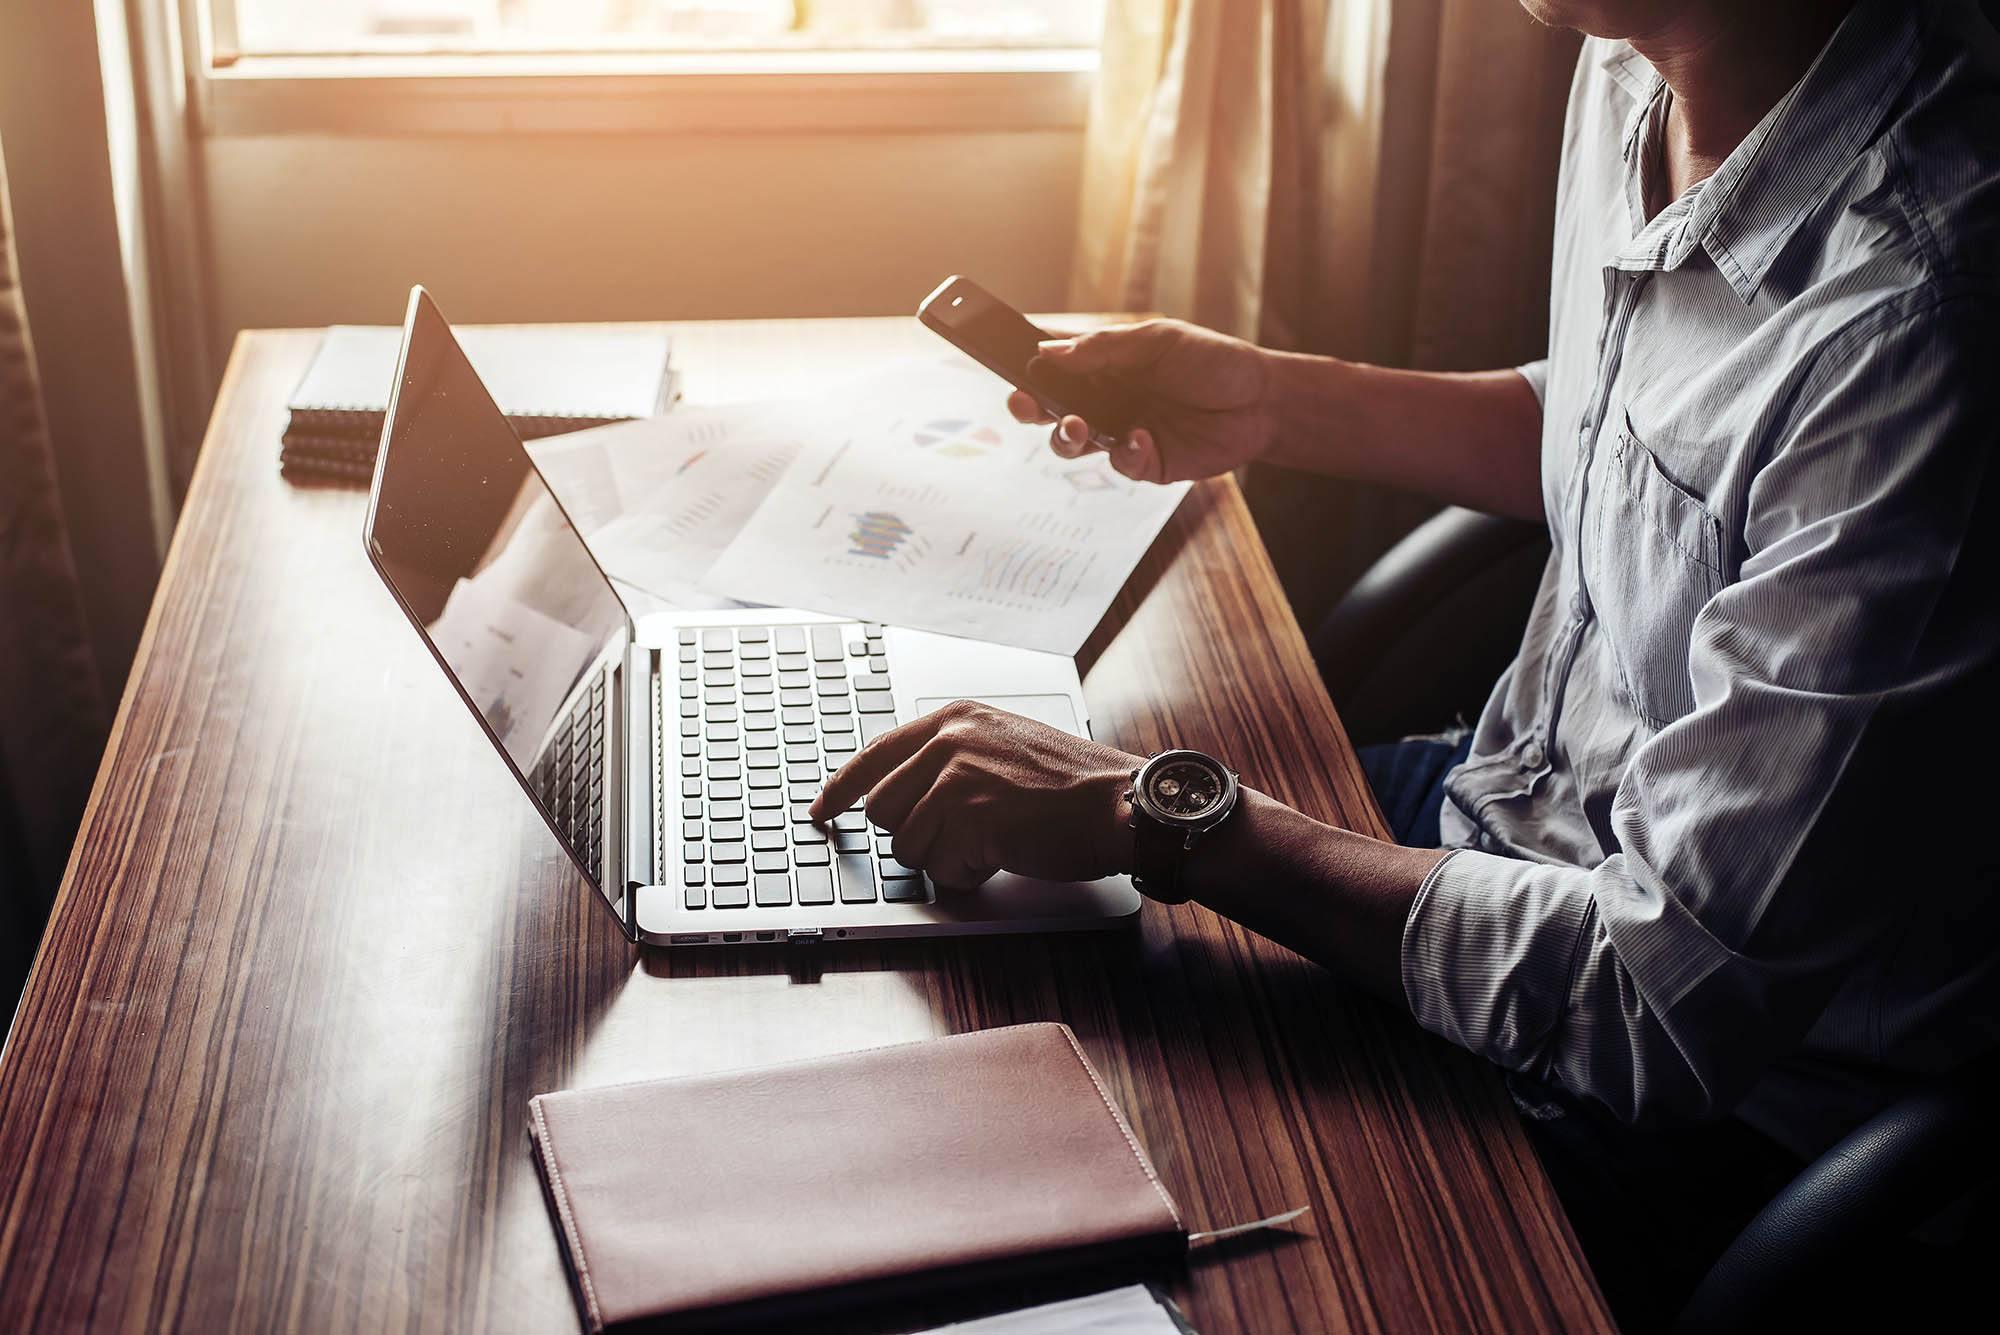 Бухгалтерское сопровождение в ярославле можно ли по временной регистрации сделать ип